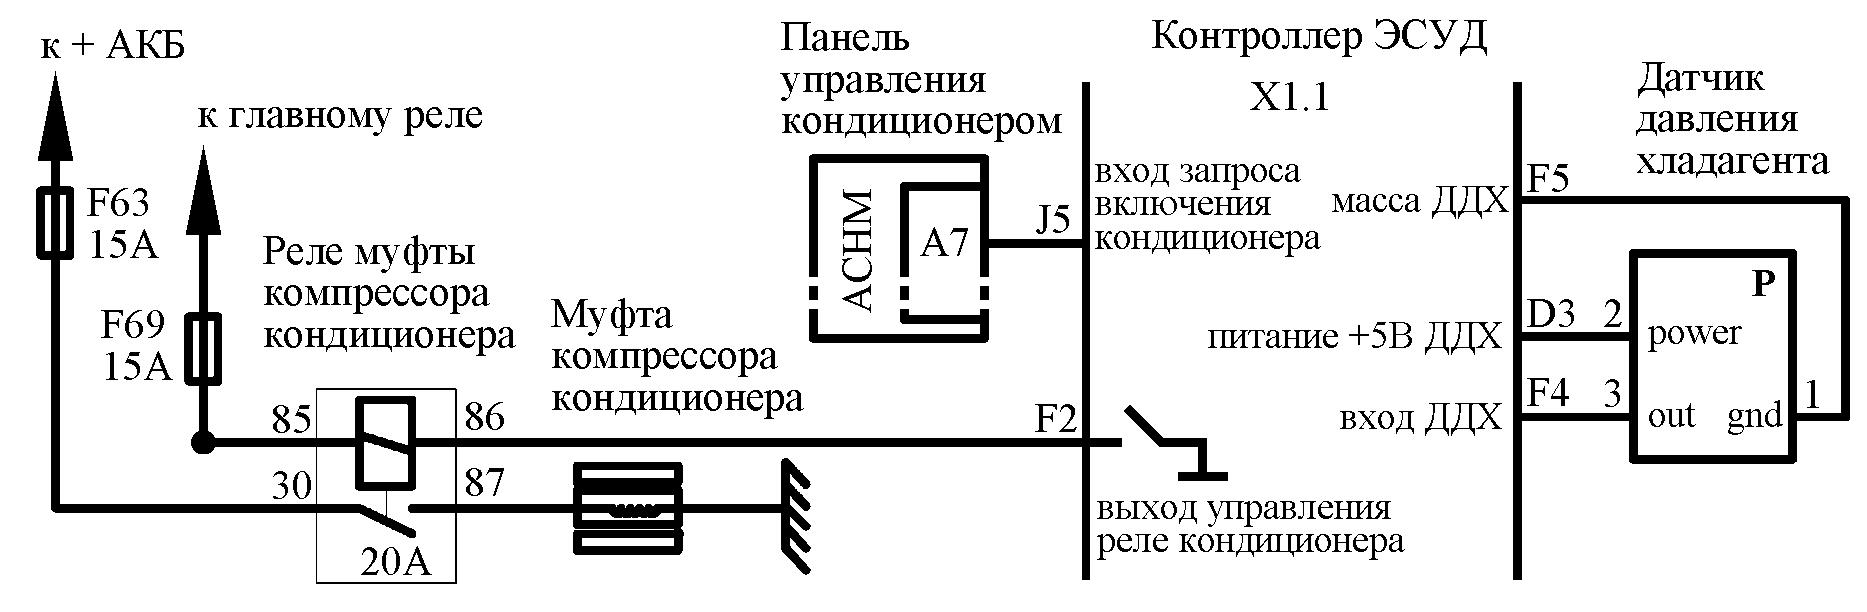 электросхема включения компрессора кондиционера